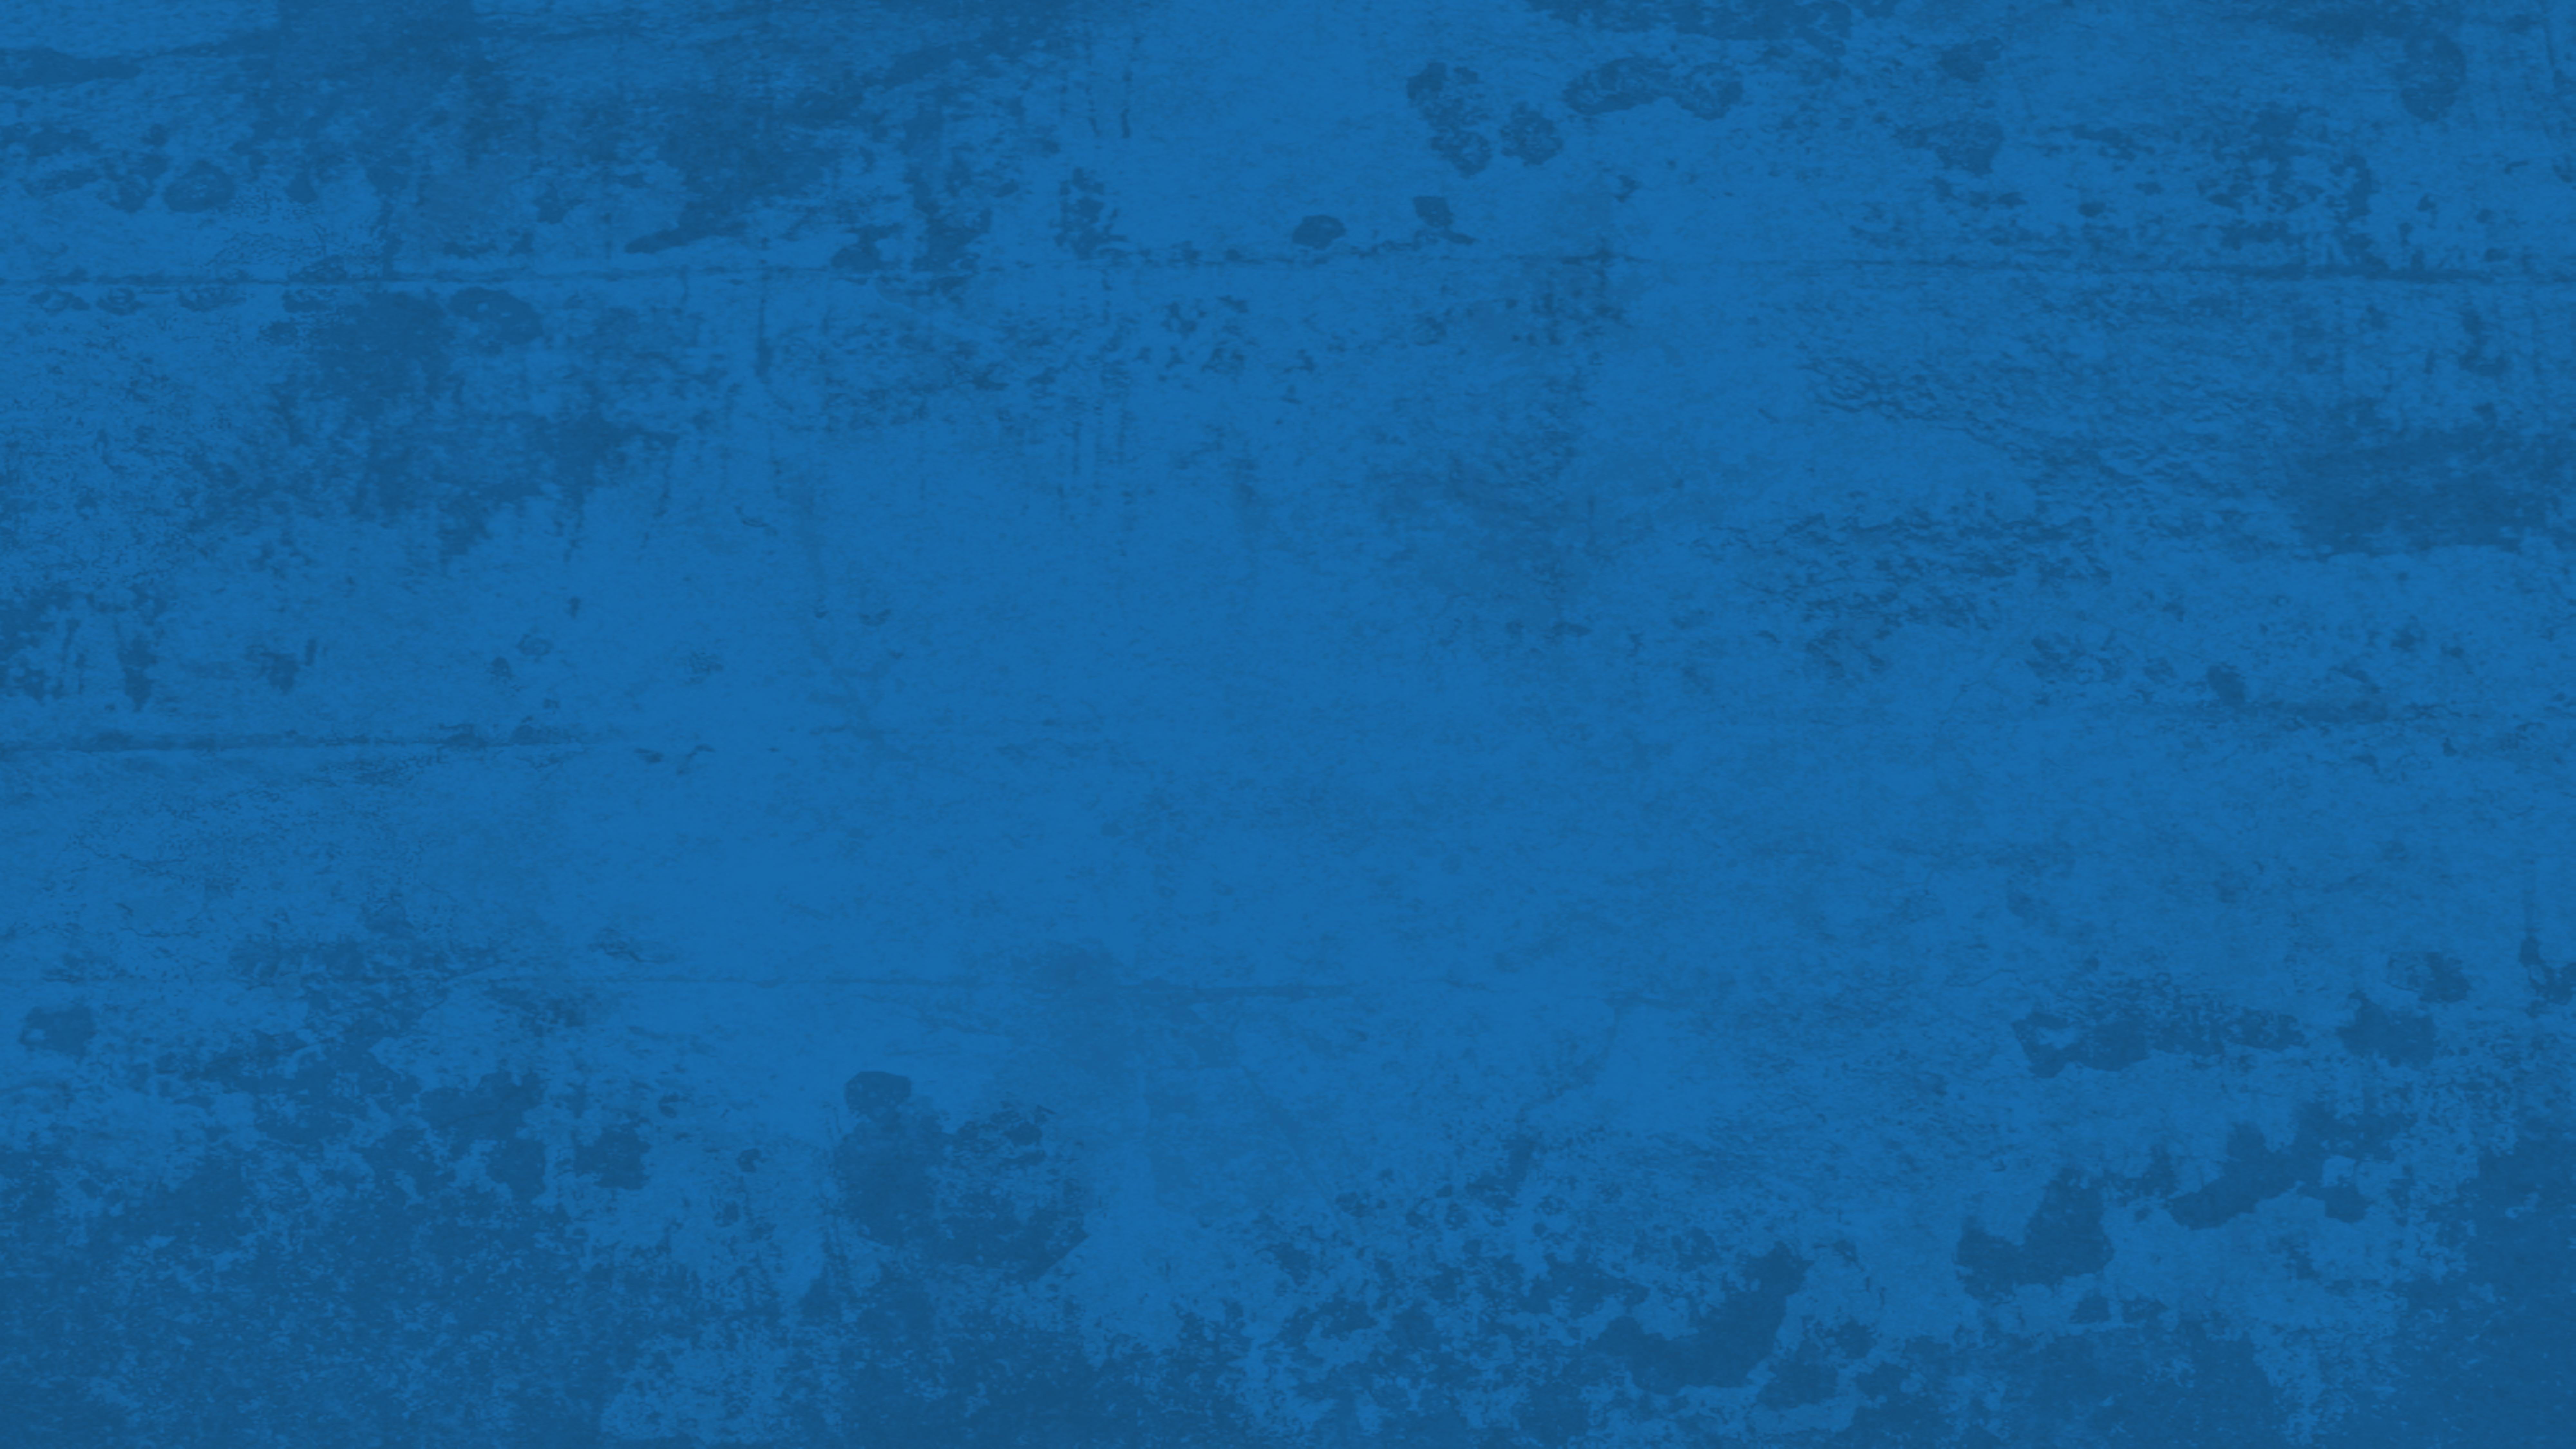 Free Dark Blue Grunge Background Texture Image